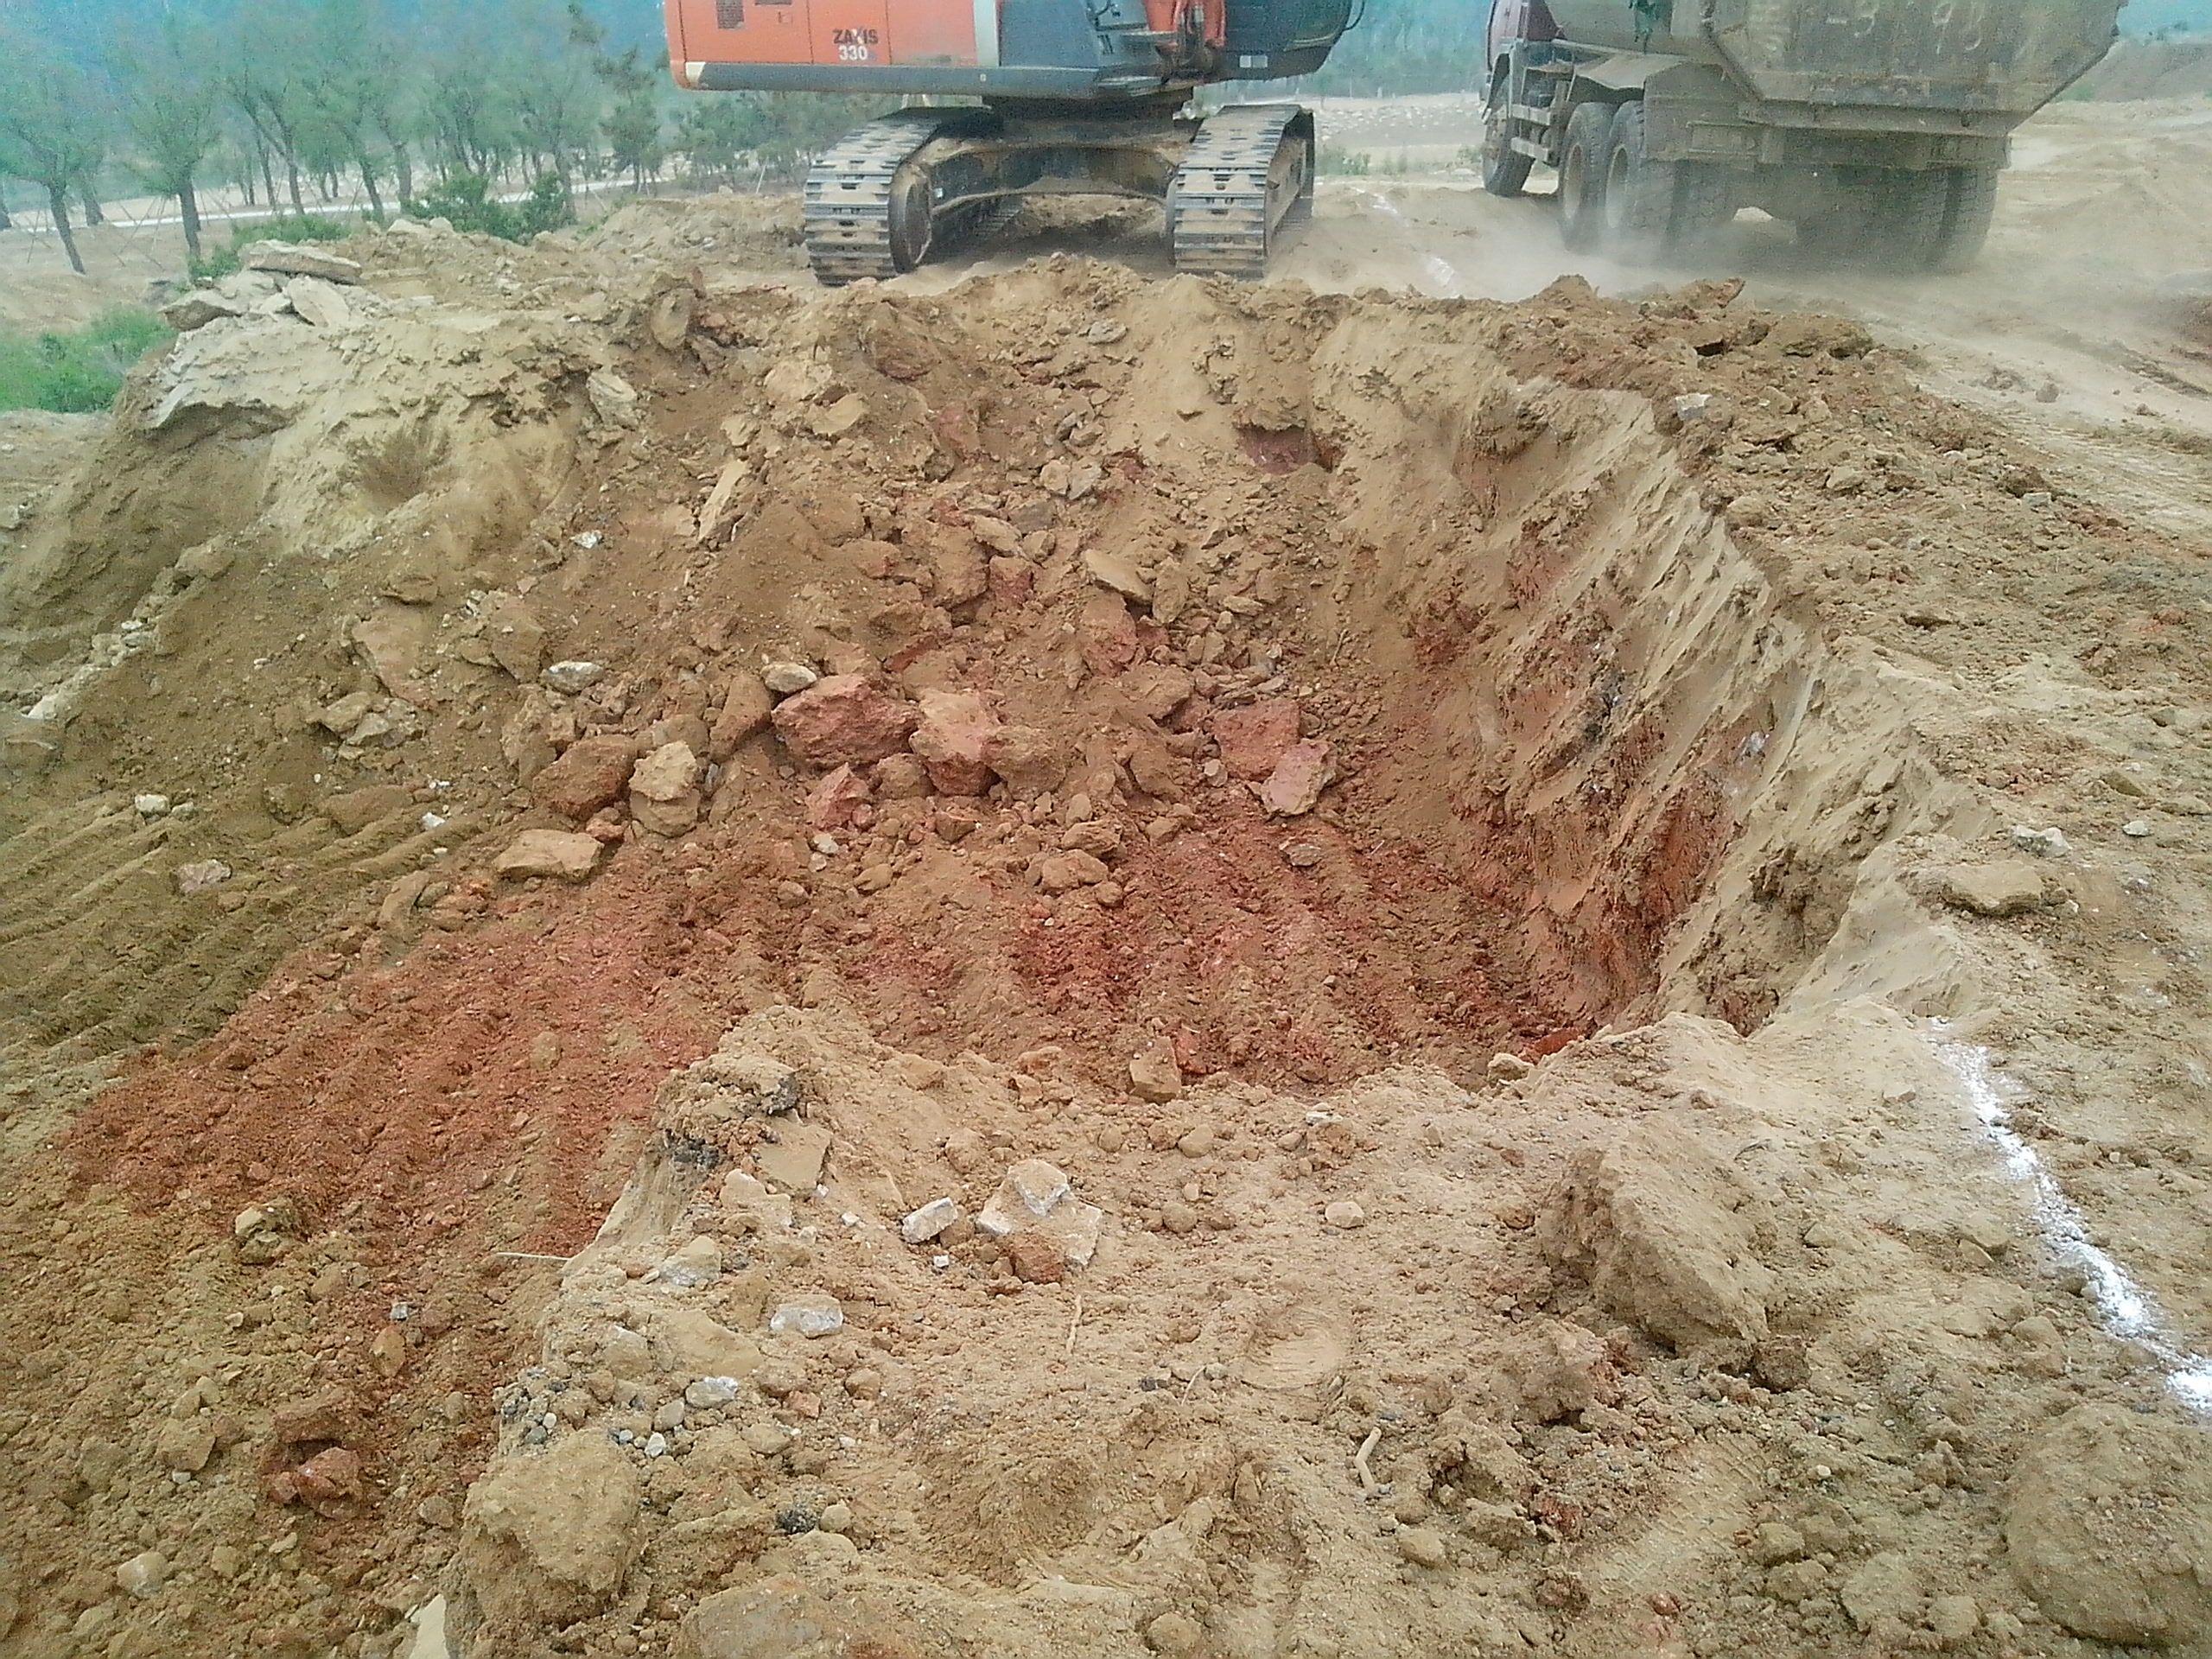 红色的土是古墓的朱砂封土层吗